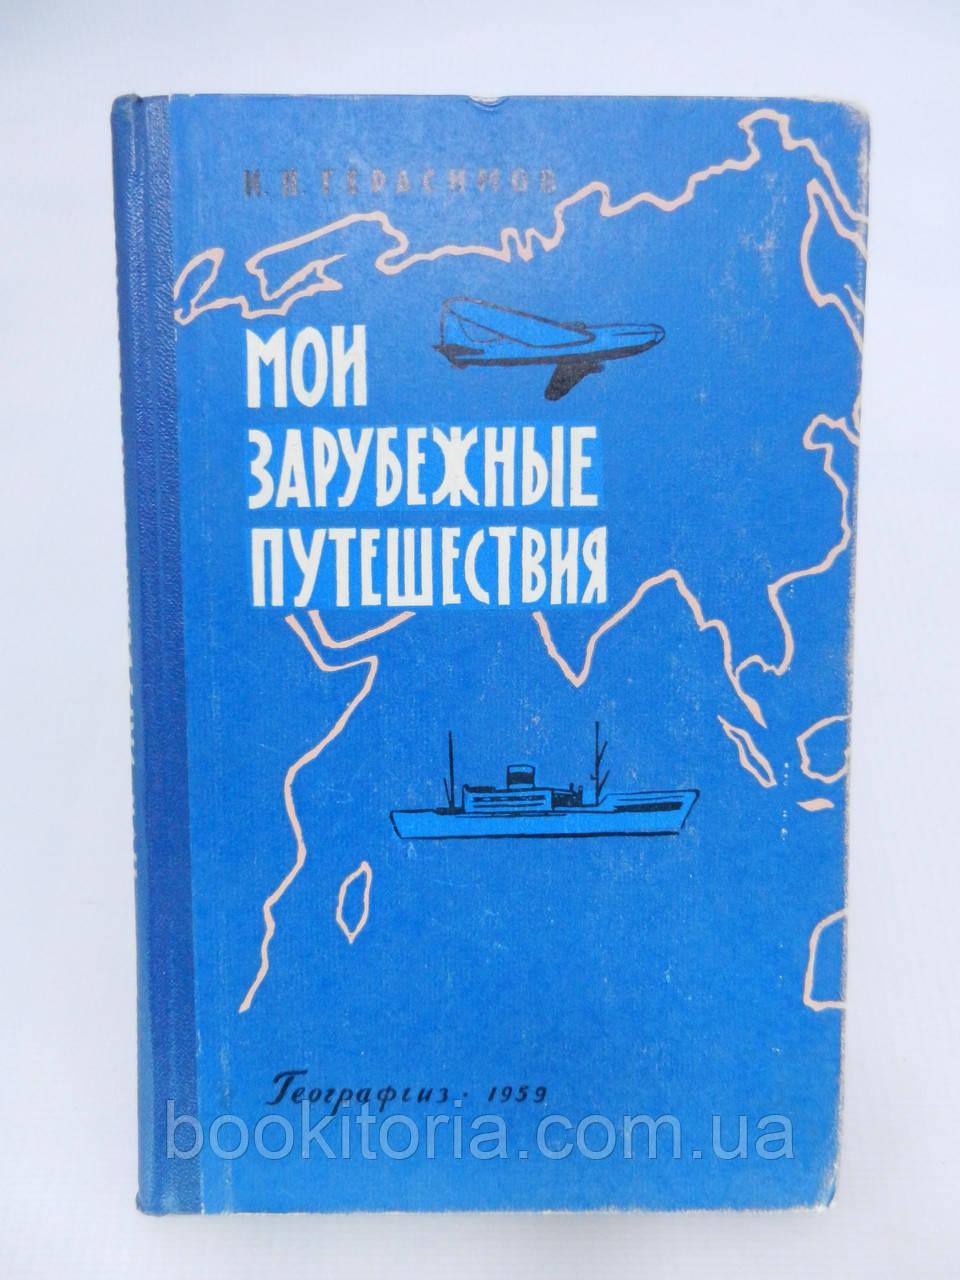 Герасимов И.П. Мои зарубежные путешествия (б/у).